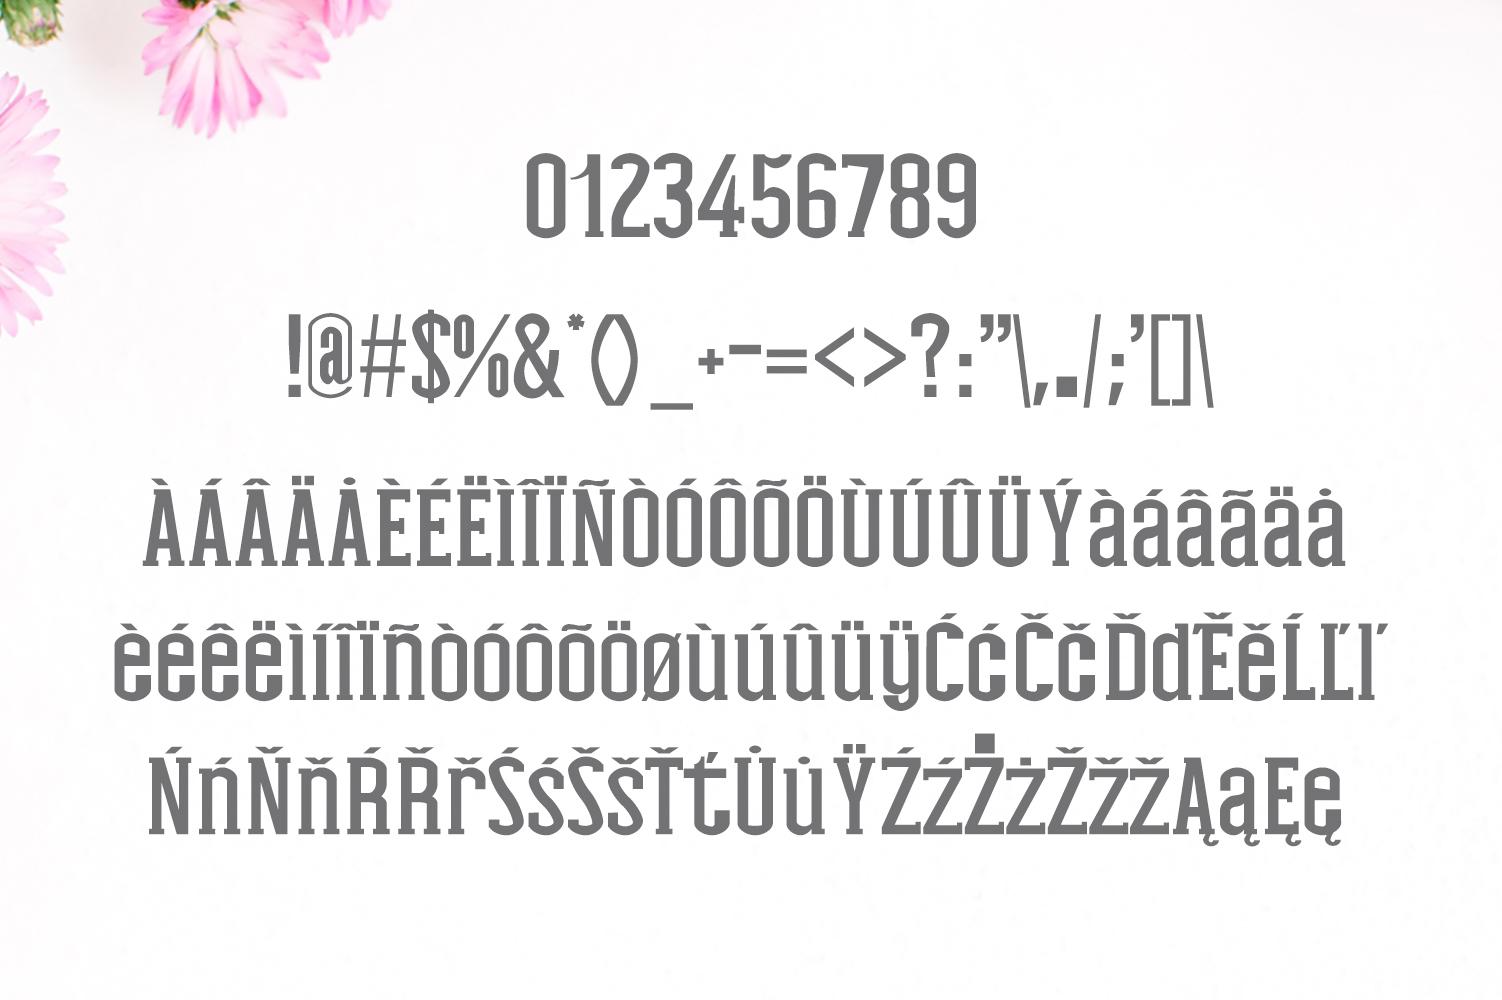 Nasya Slab Serif 4 Font Family Pack example image 3